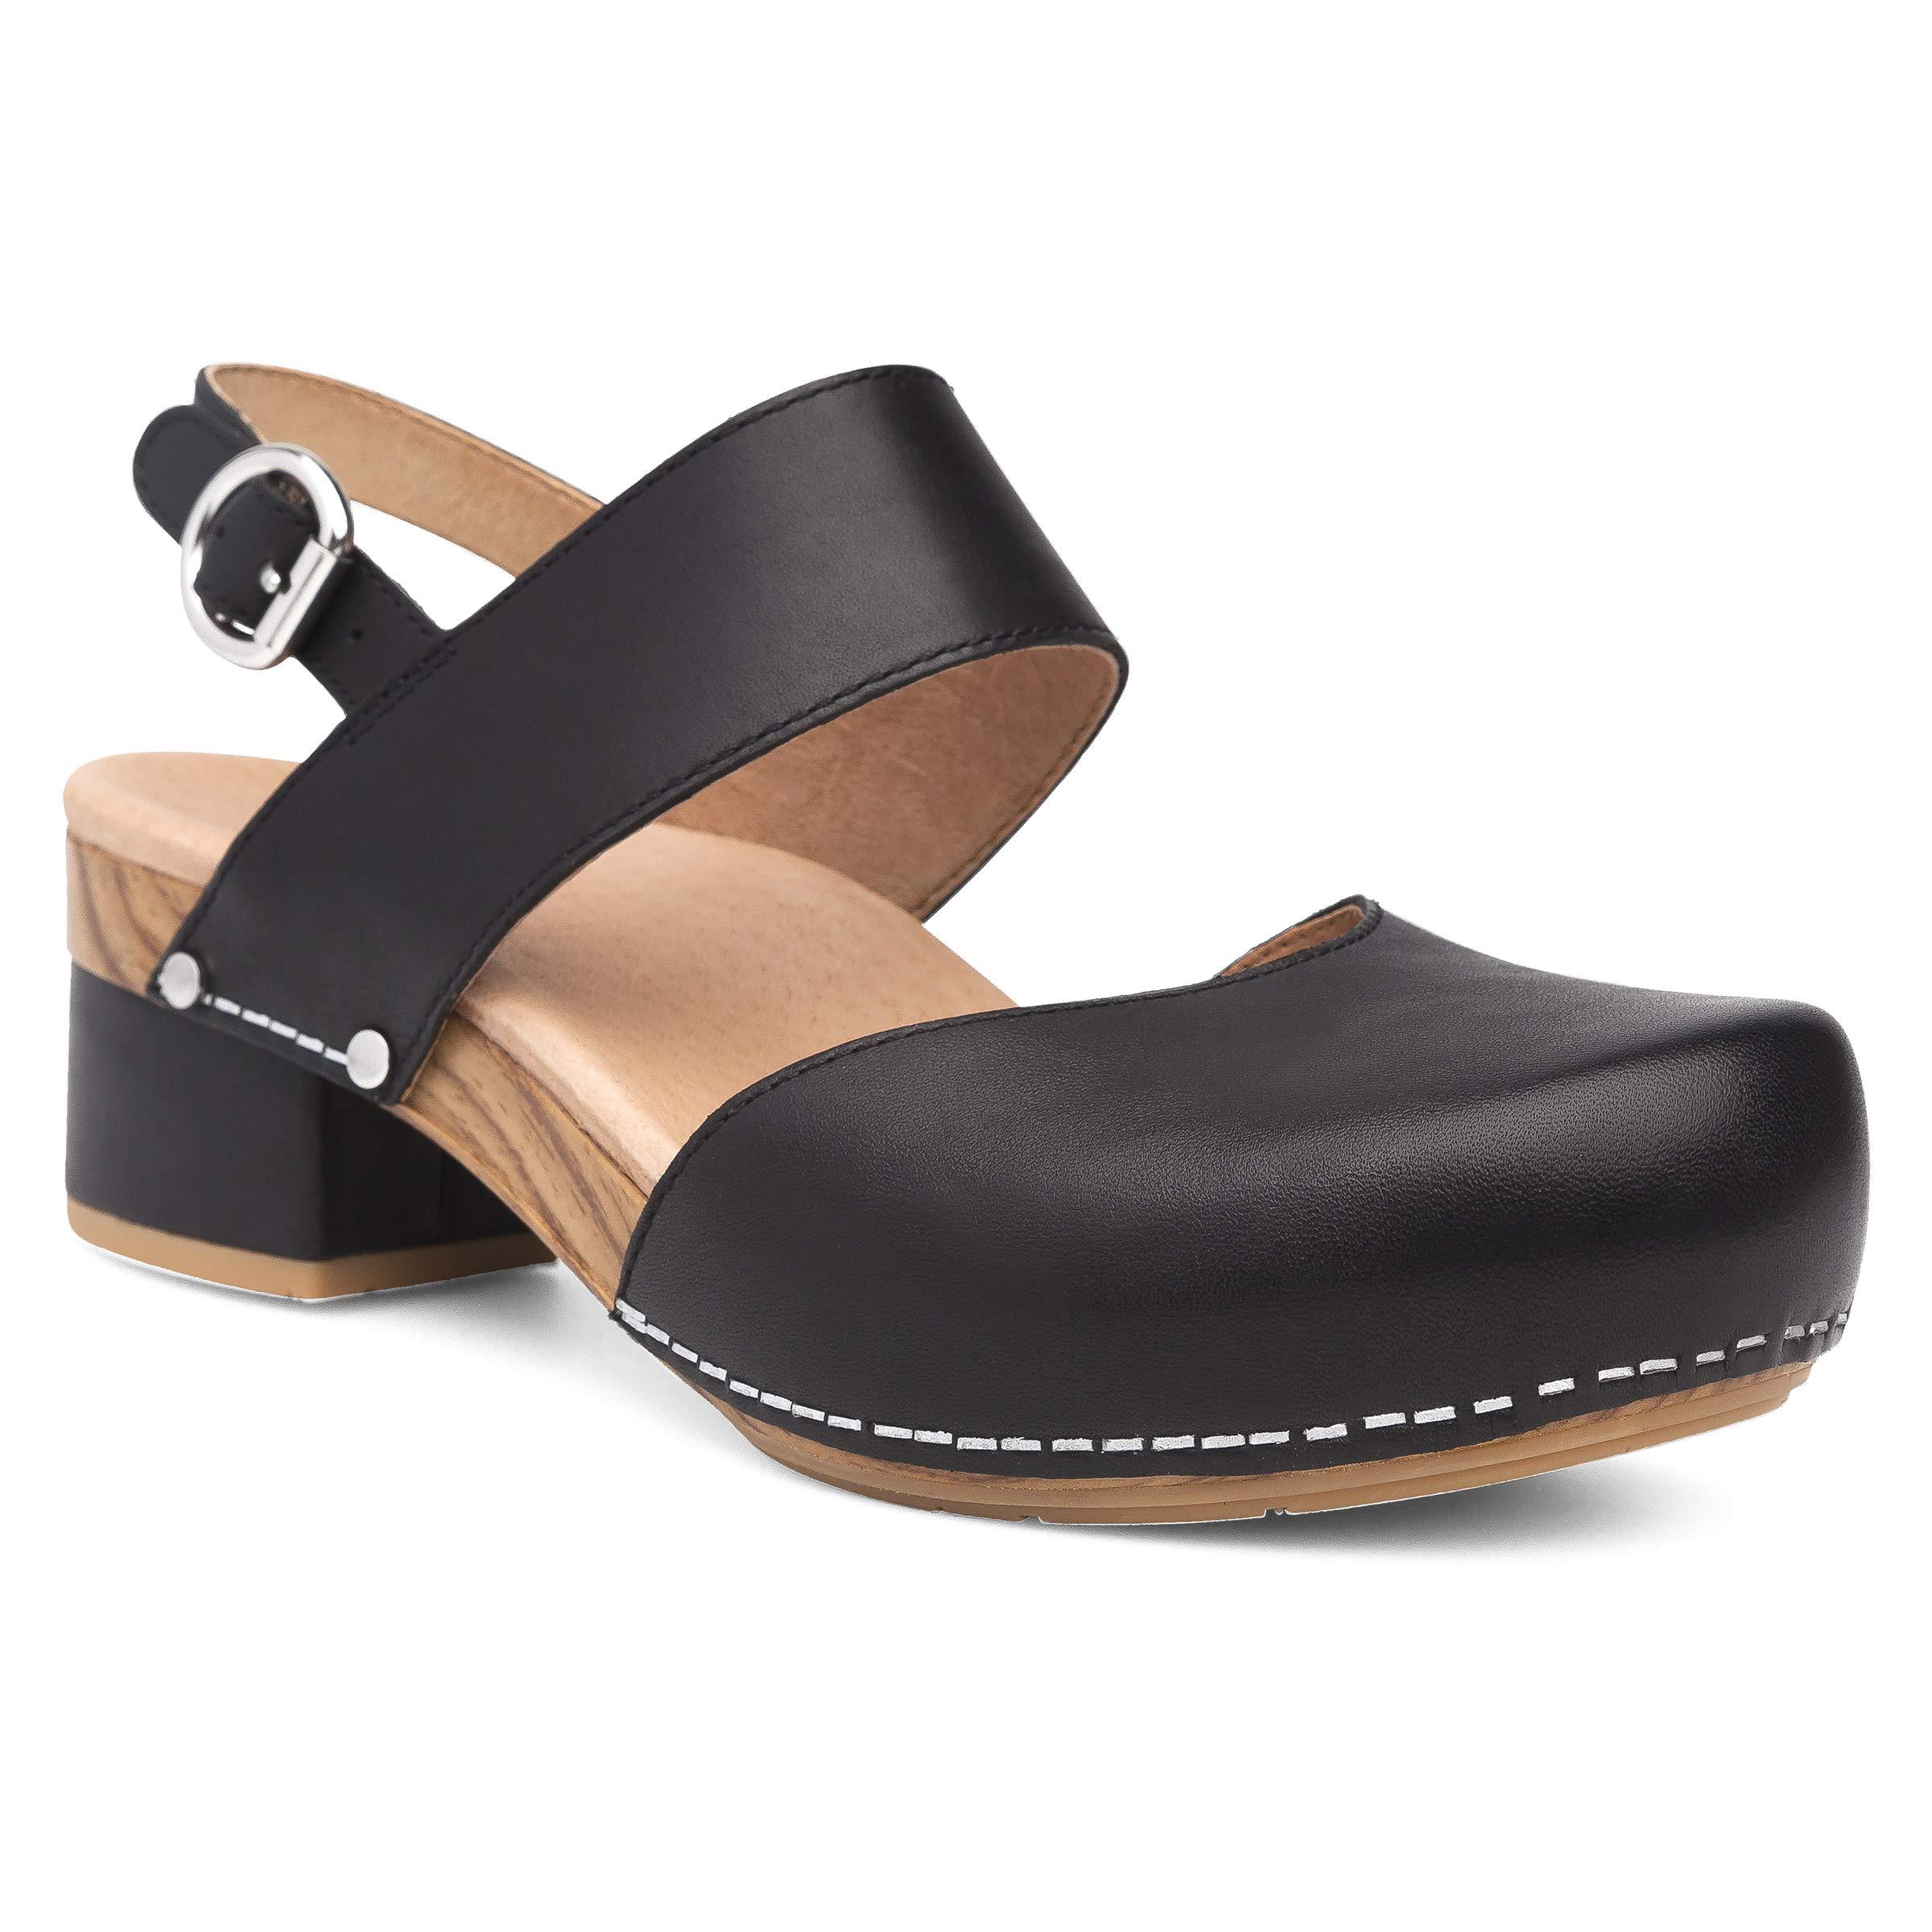 Dansko Women's Malin Black Sandal 7.5-8 M US by Dansko